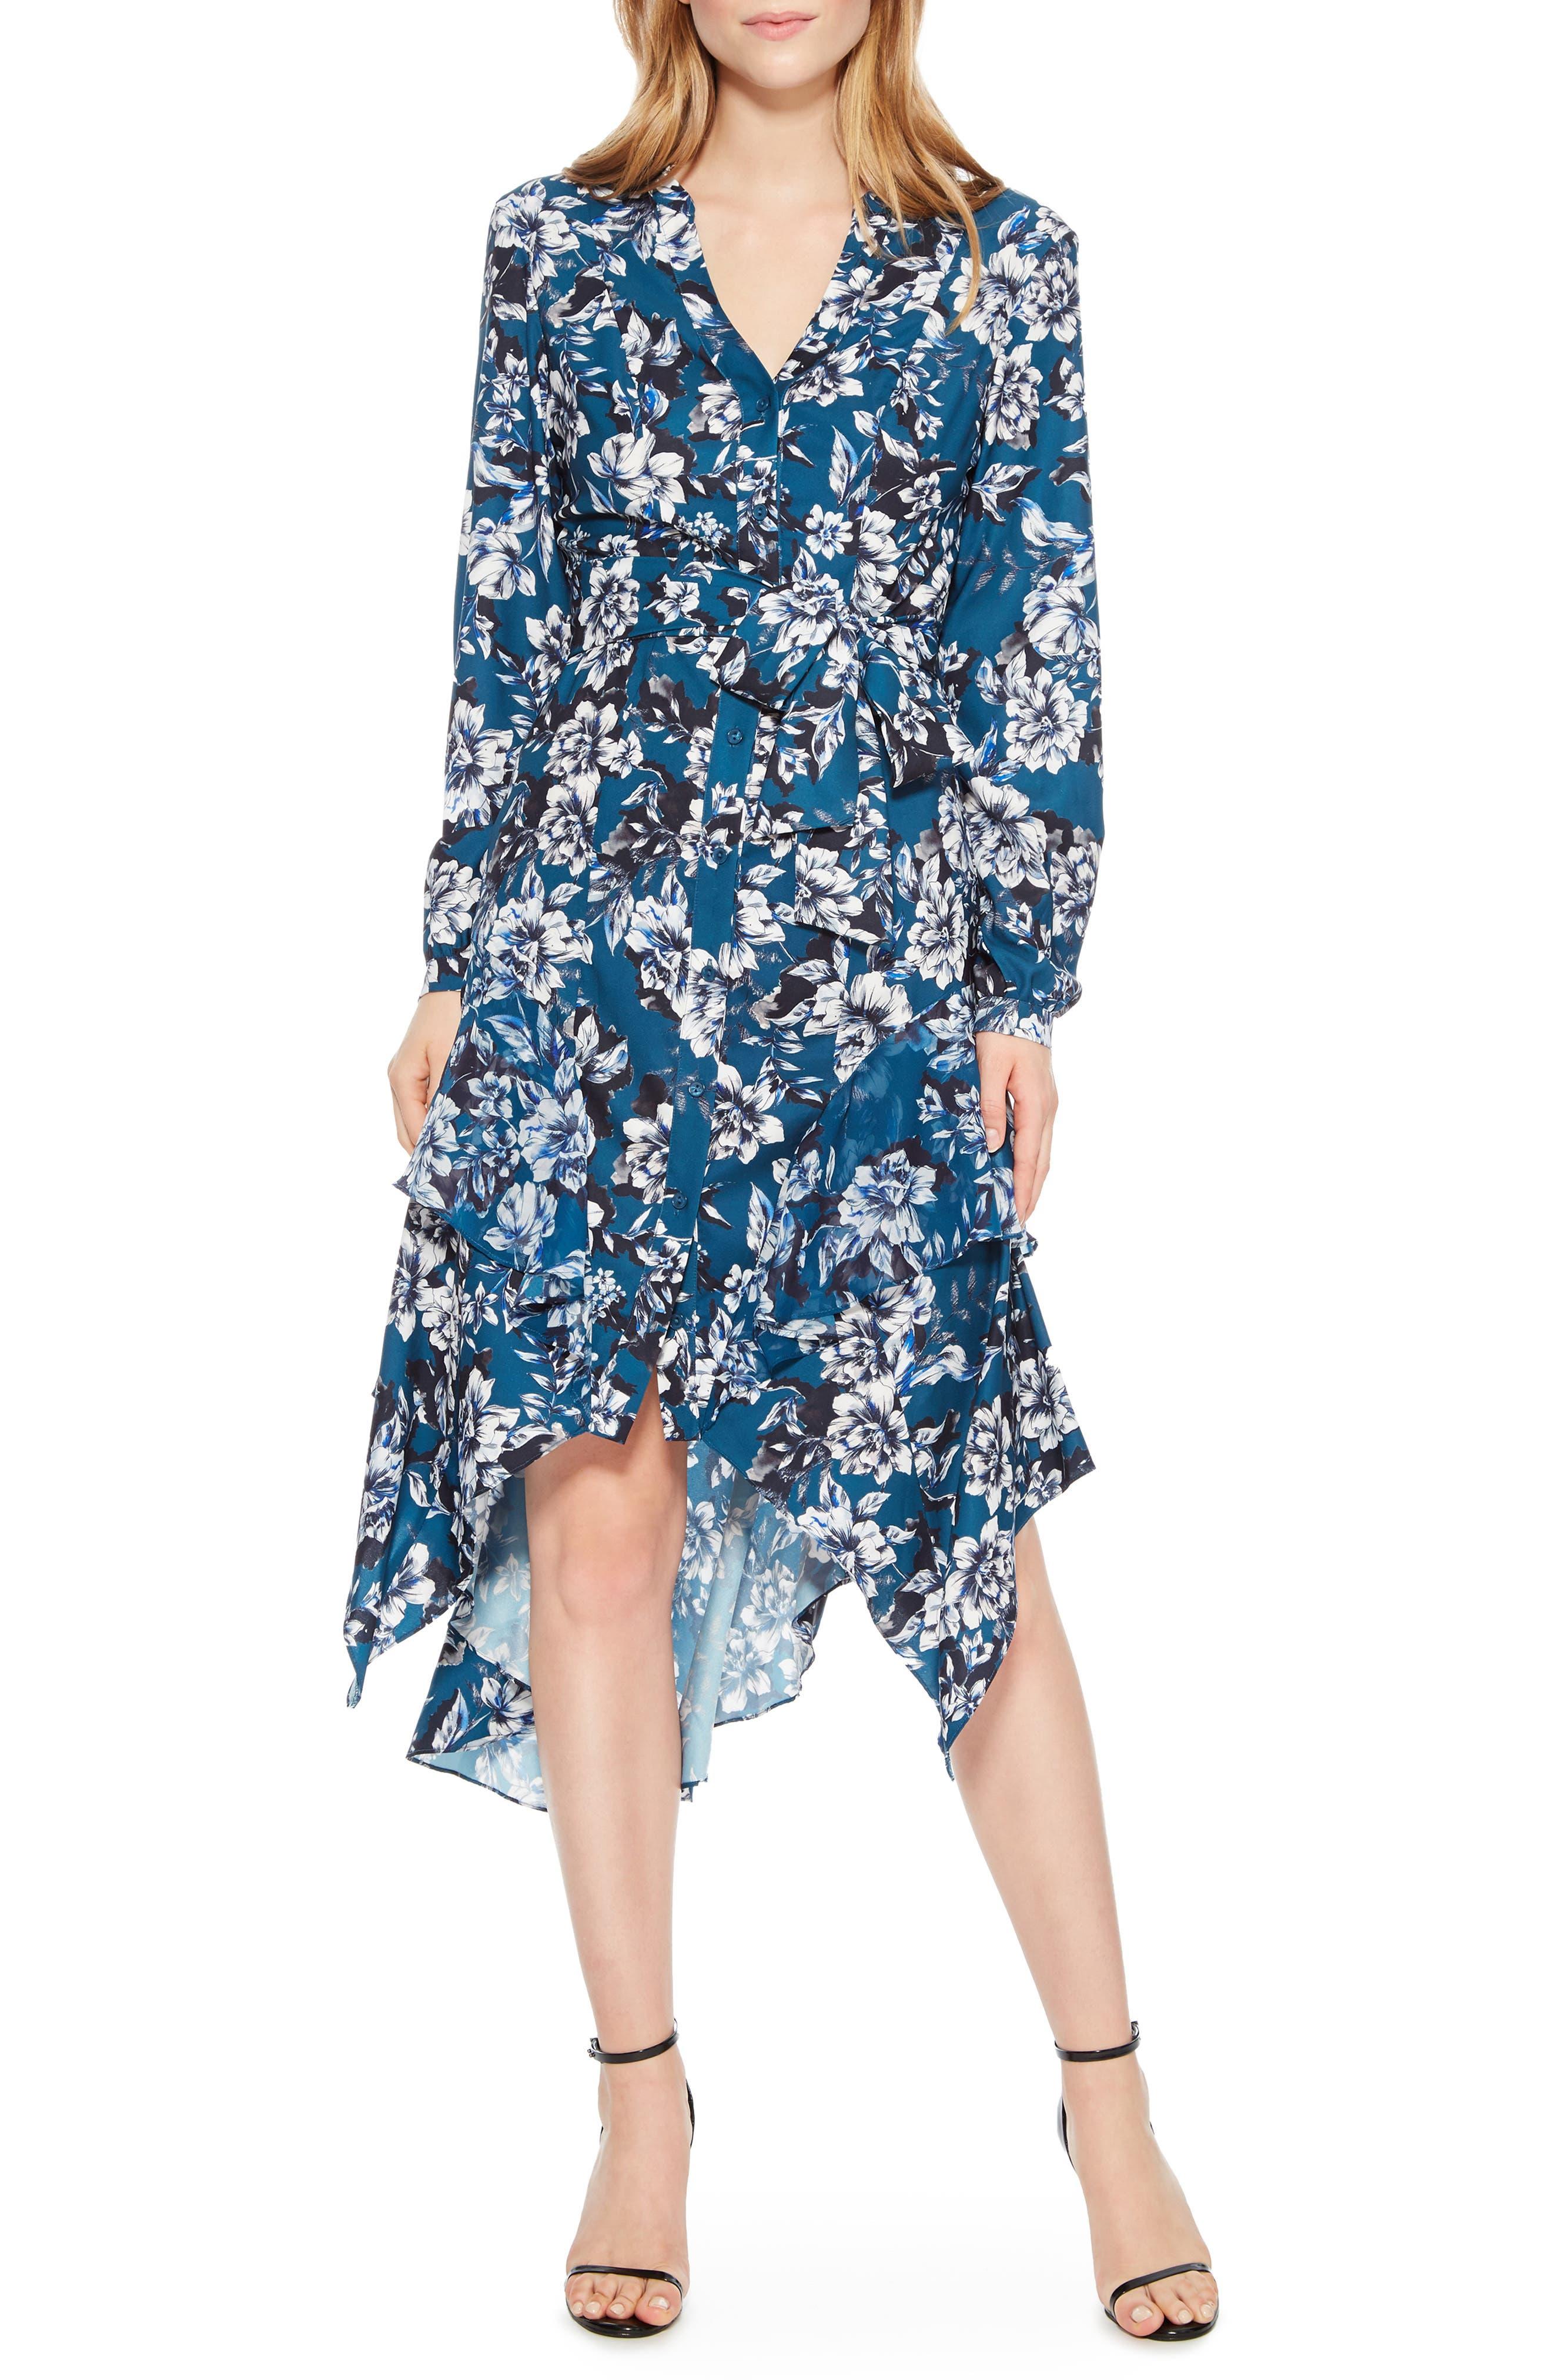 Estella Asymmetrical Floral Shirtdress,                             Main thumbnail 1, color,                             EVERGLADE GARDENS